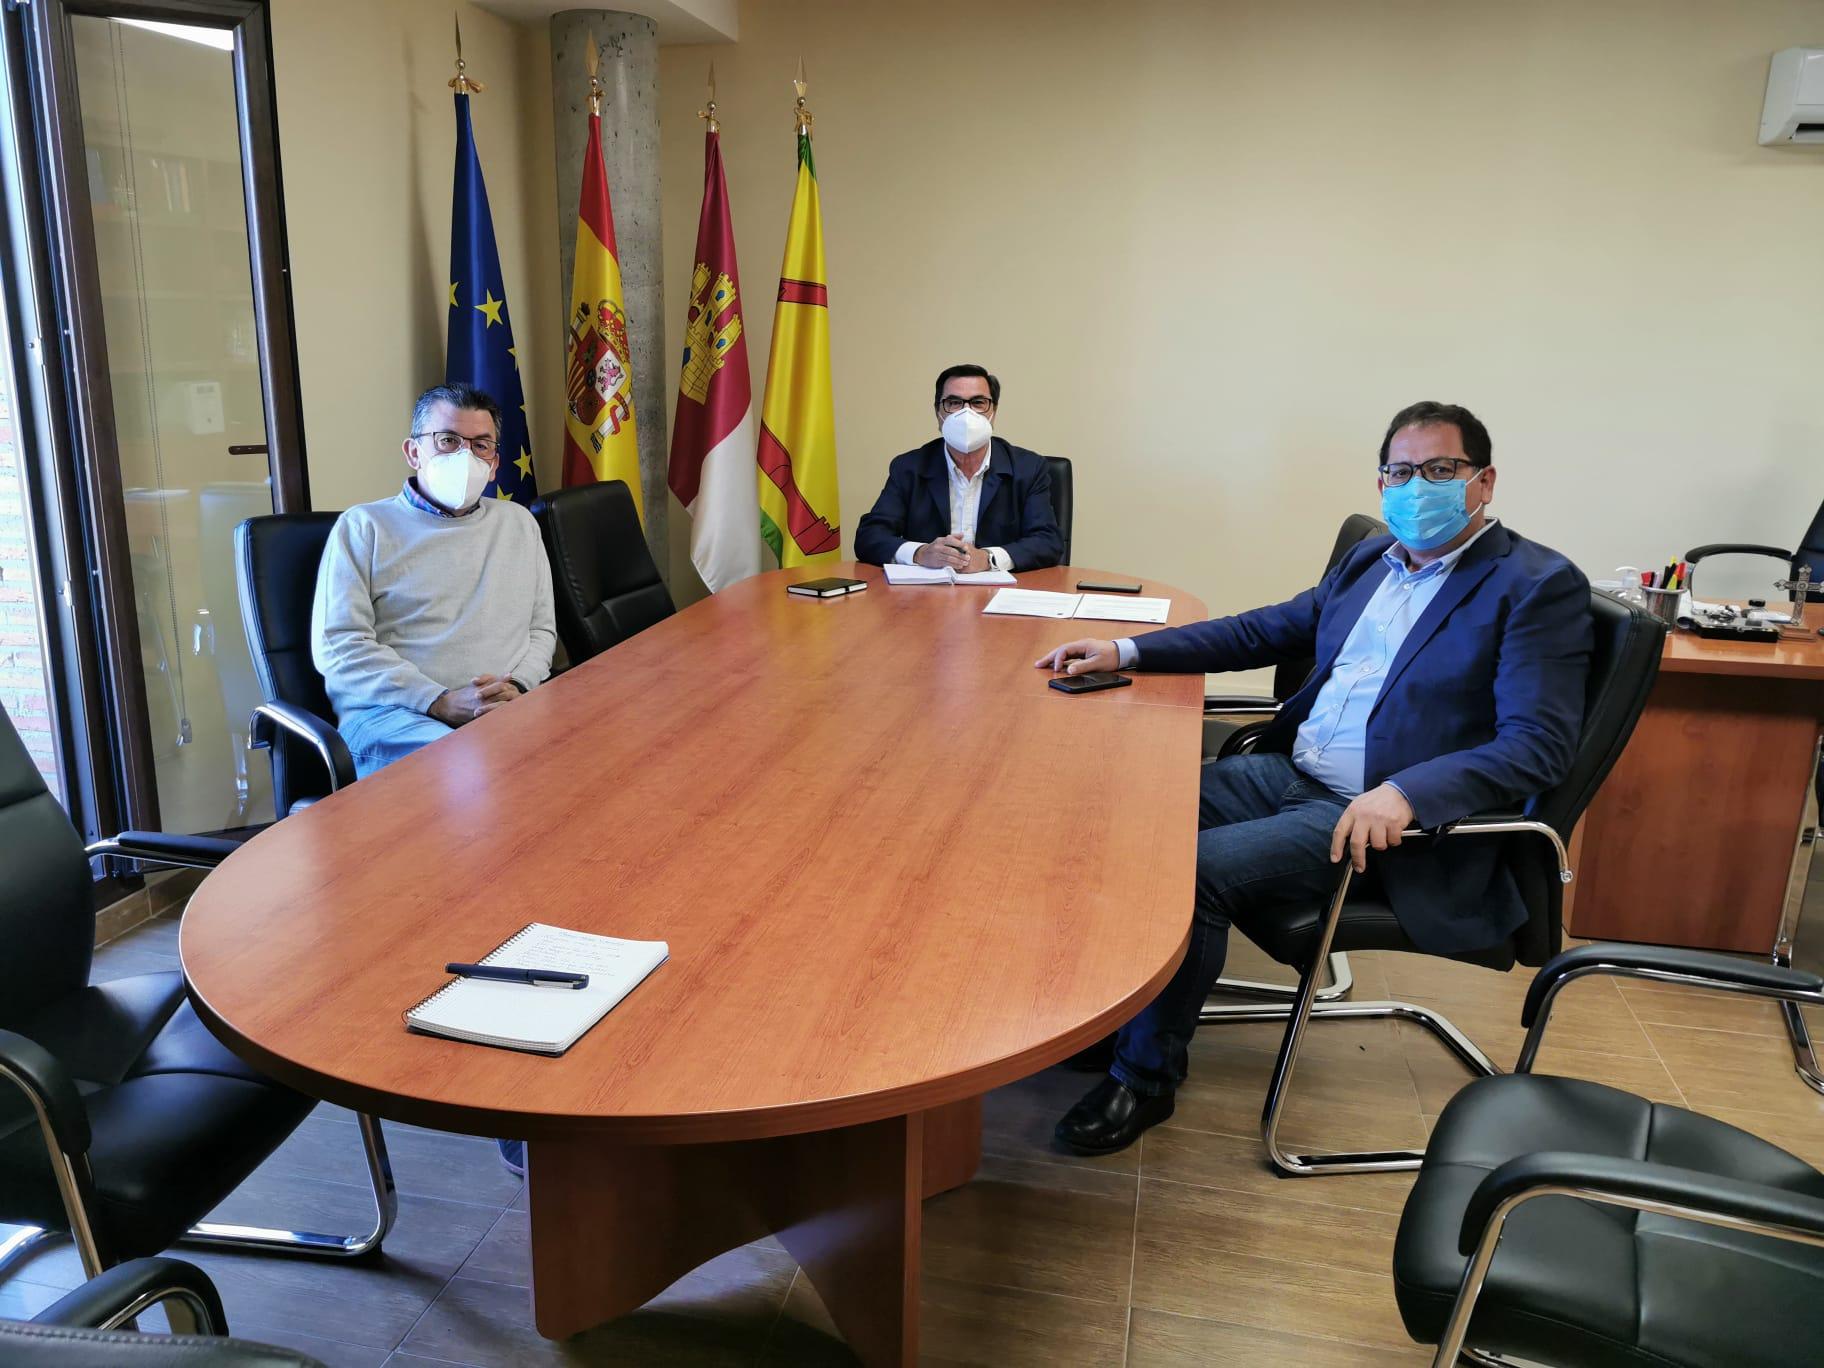 El Gobierno regional mantendrá un contacto fluido con el Ayuntamiento para facilitar la instalación de un Punto Limpio en Burguillos